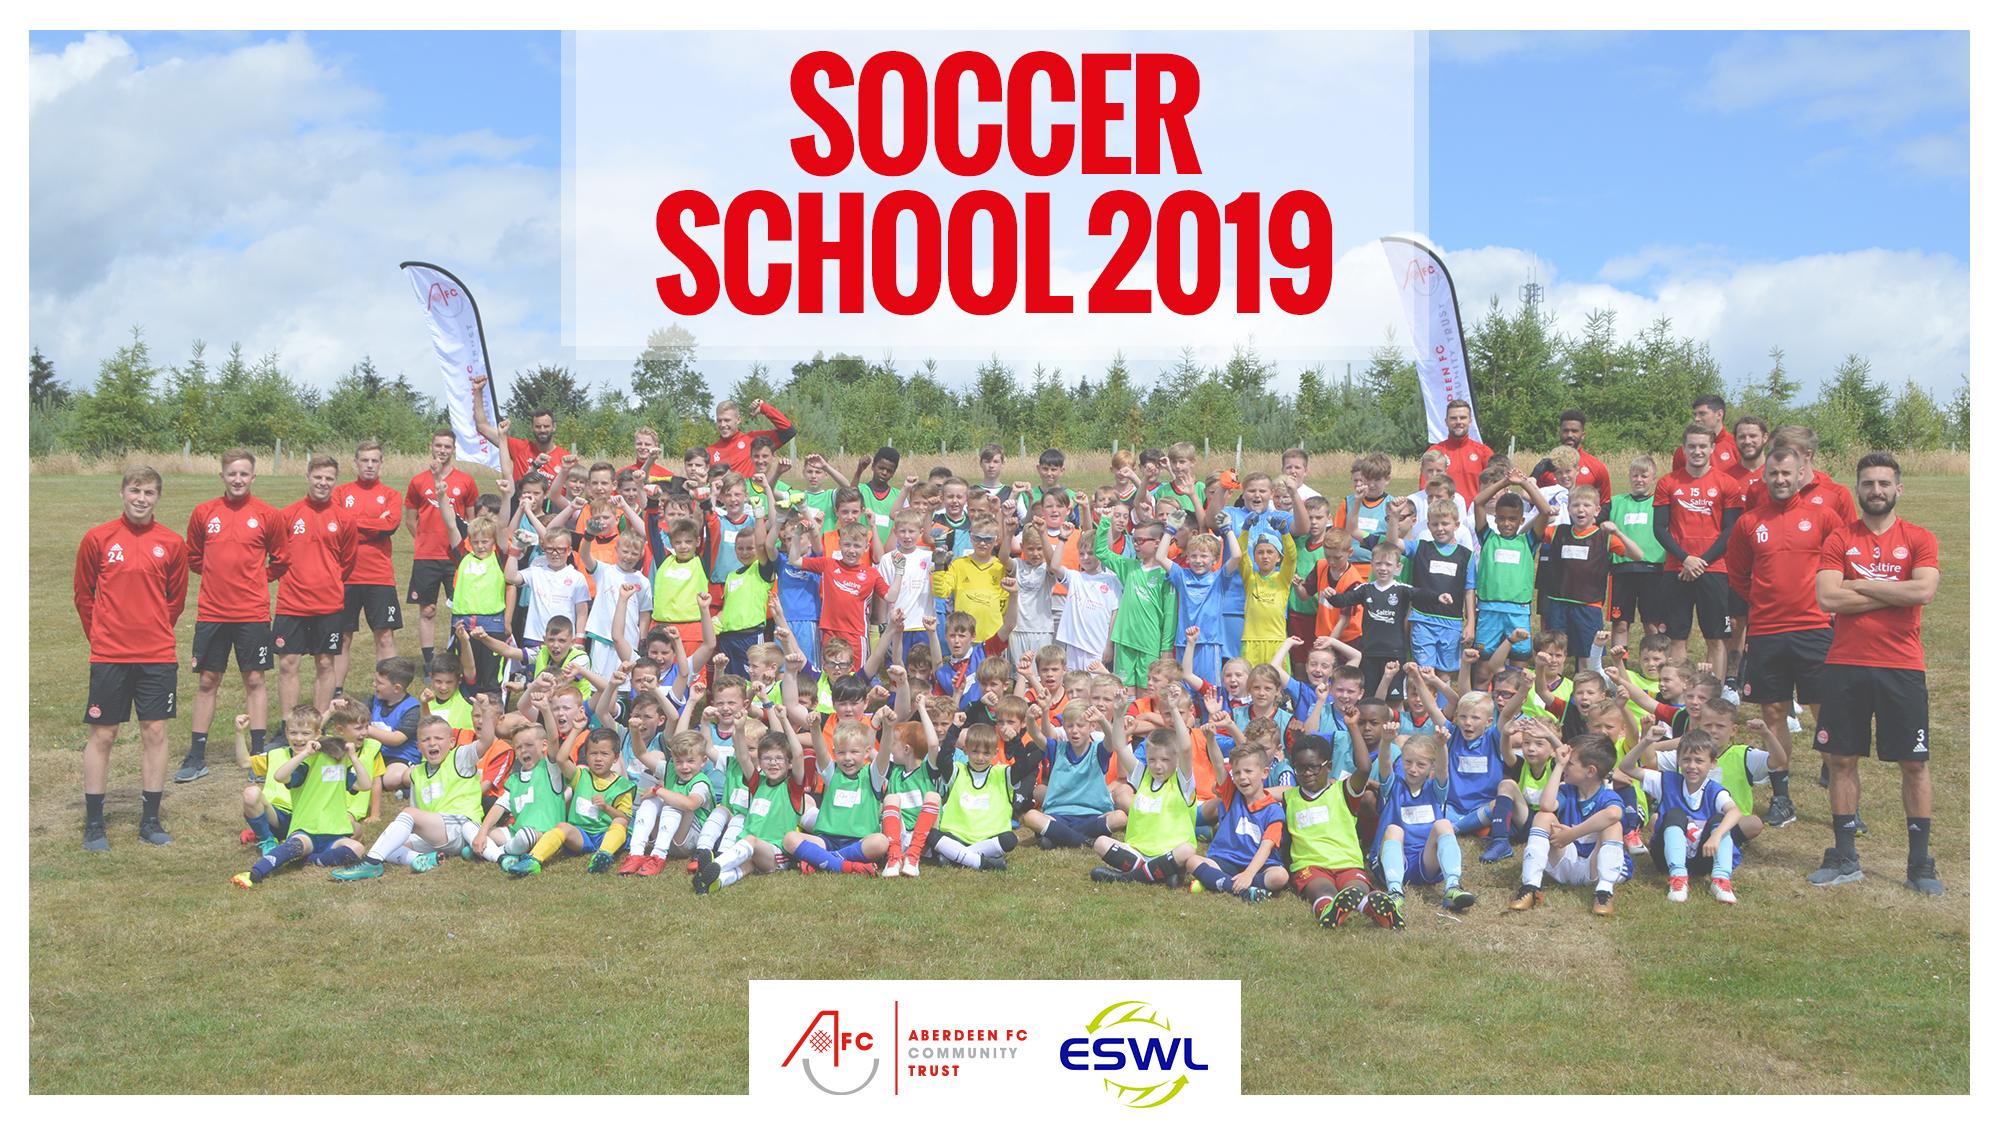 Soccer School 2019 on sale now!